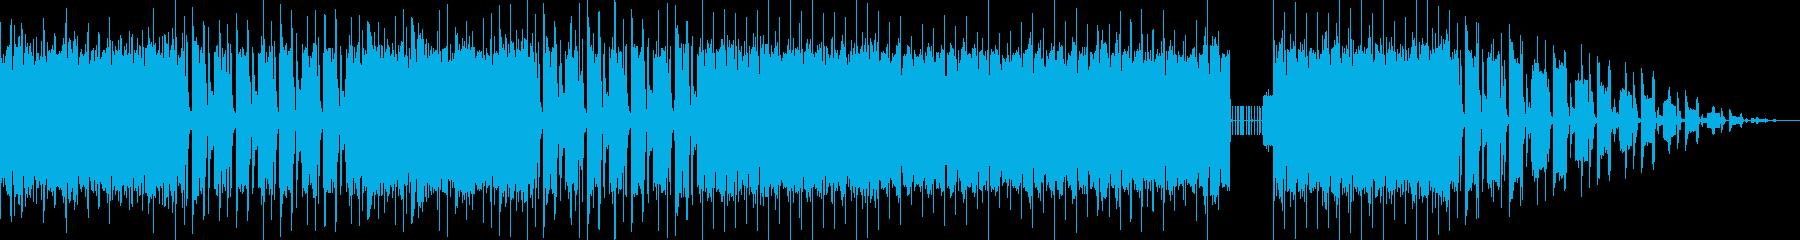 ヒップホップダンスチューンな曲の再生済みの波形